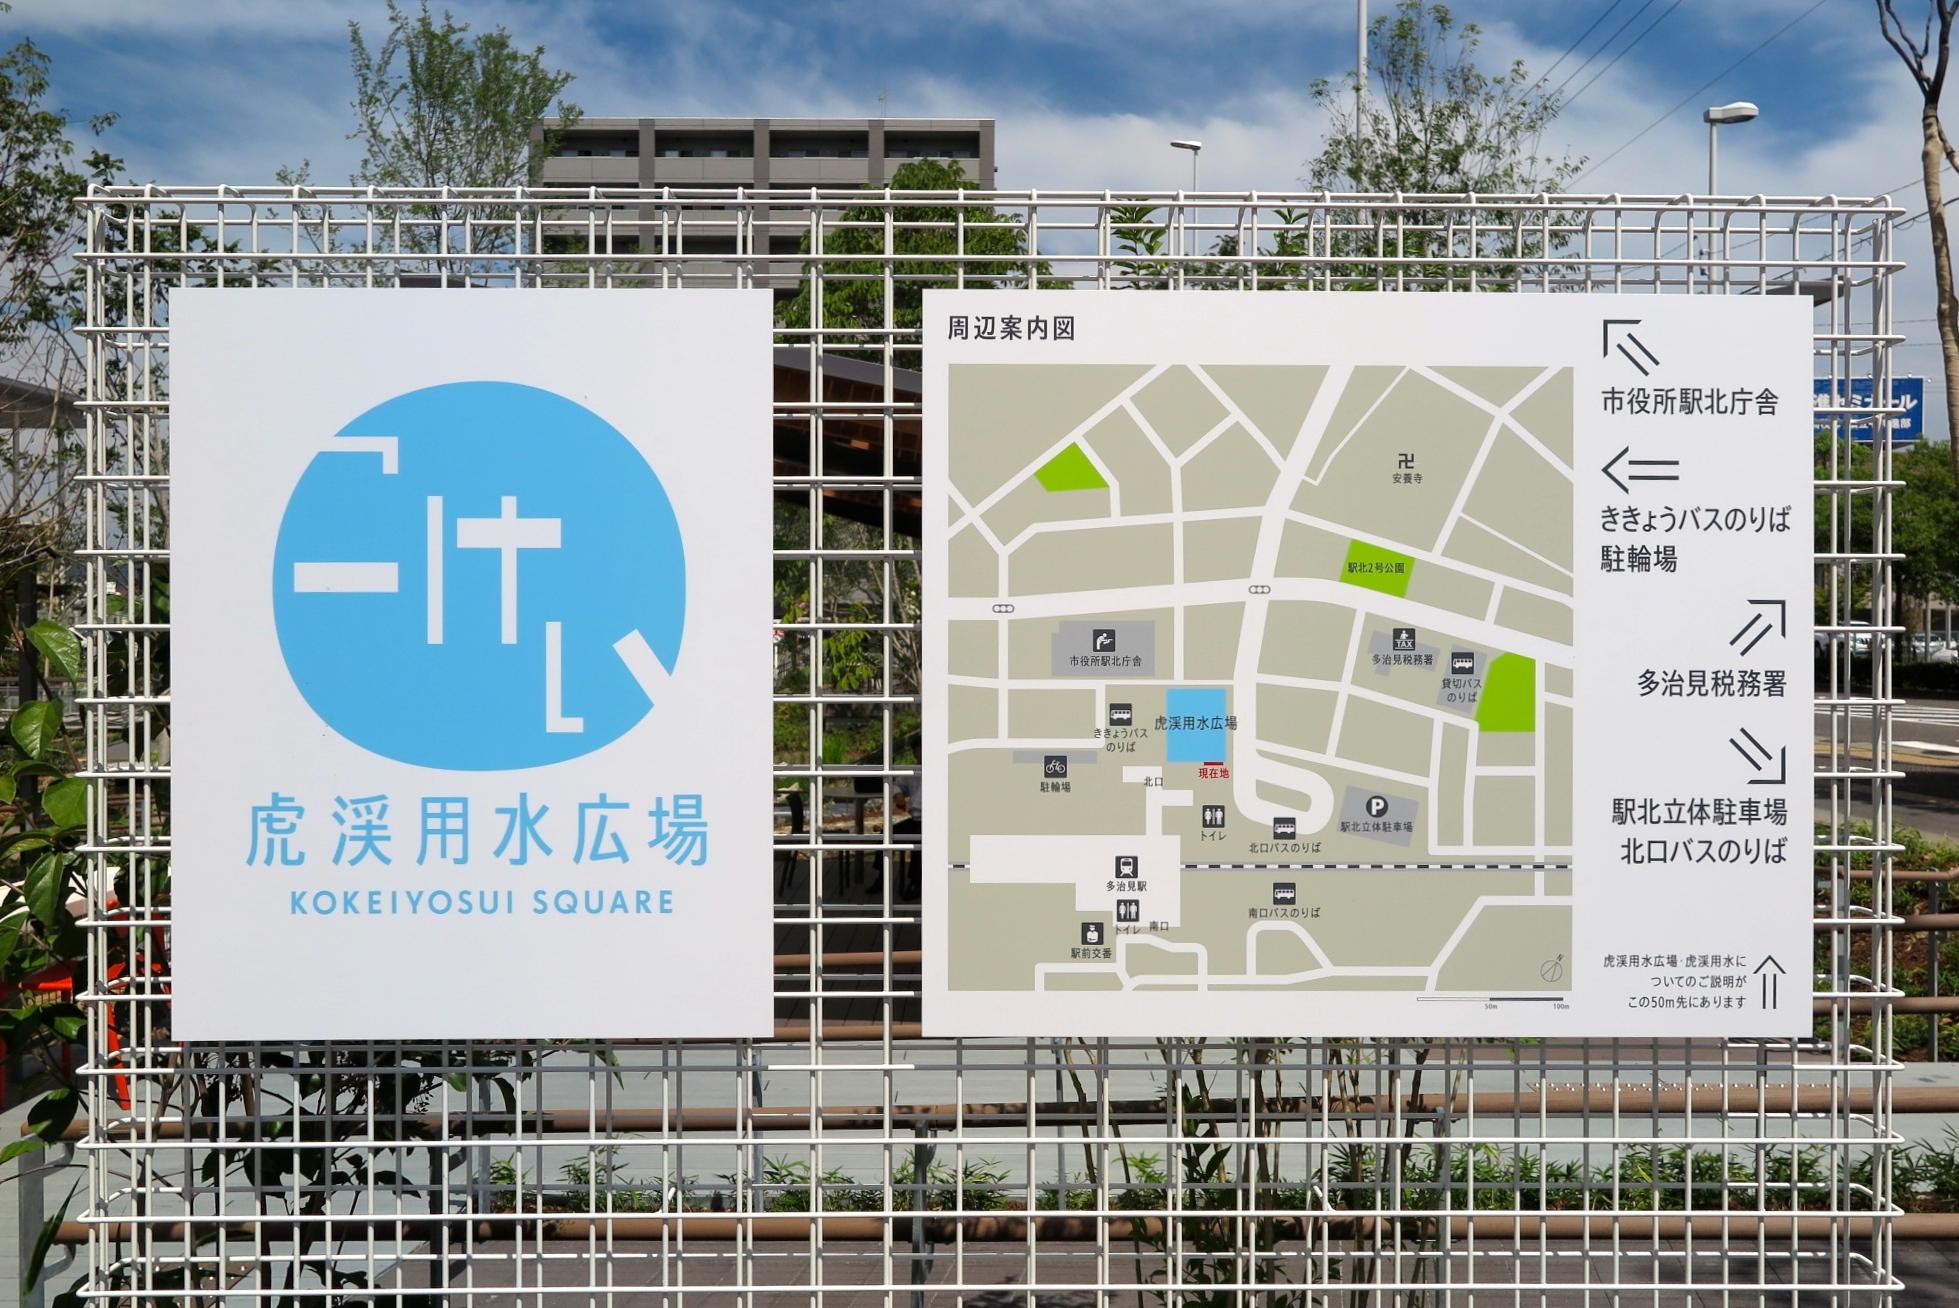 虎渓用水広場サイン